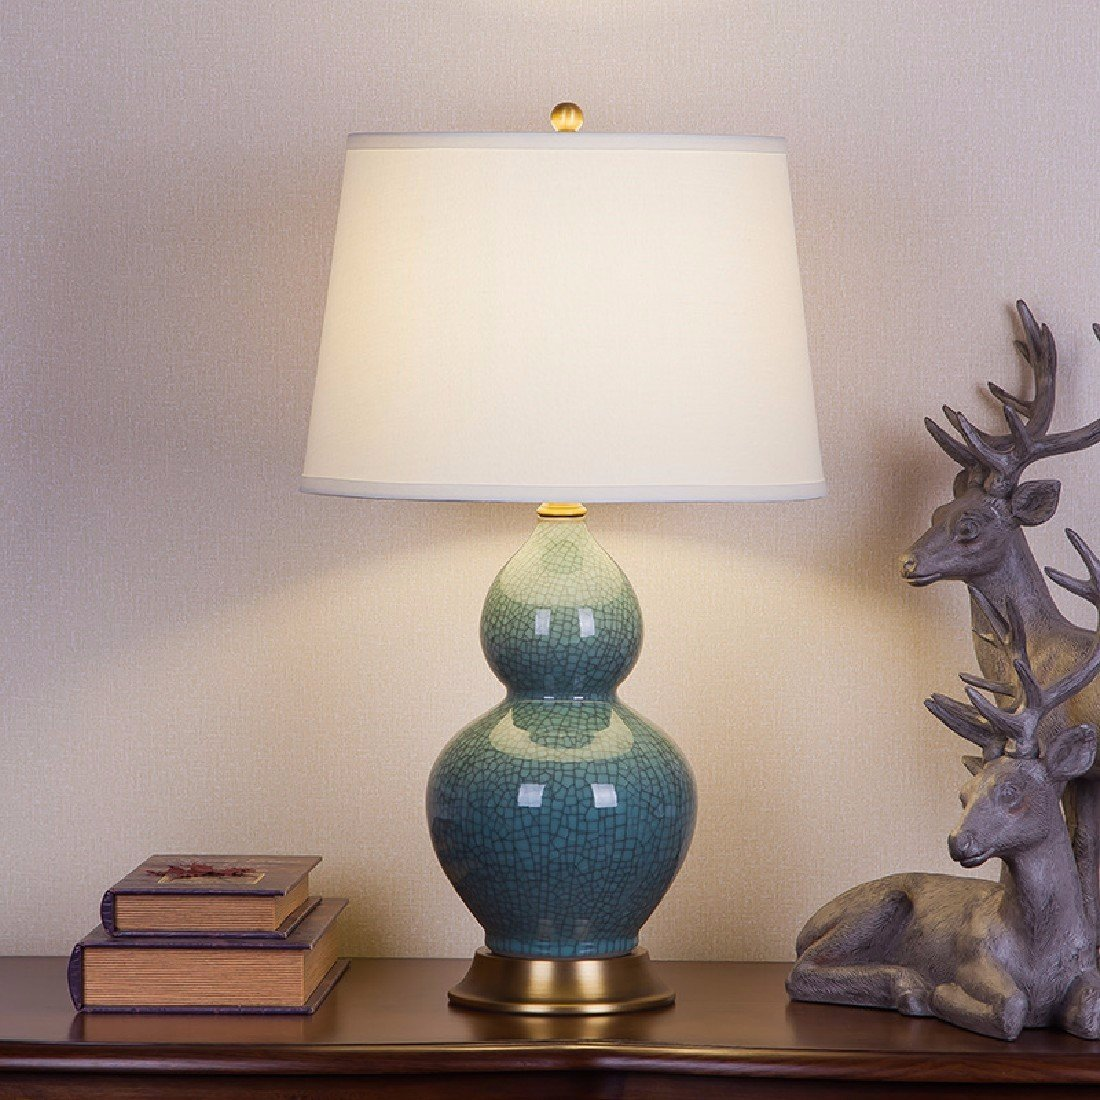 YFF@ILU im amerikanischen Stil retro Kupfer keramische Lampe, Wohnzimmer Schlafzimmer Bett Dekoration, Druckschalter